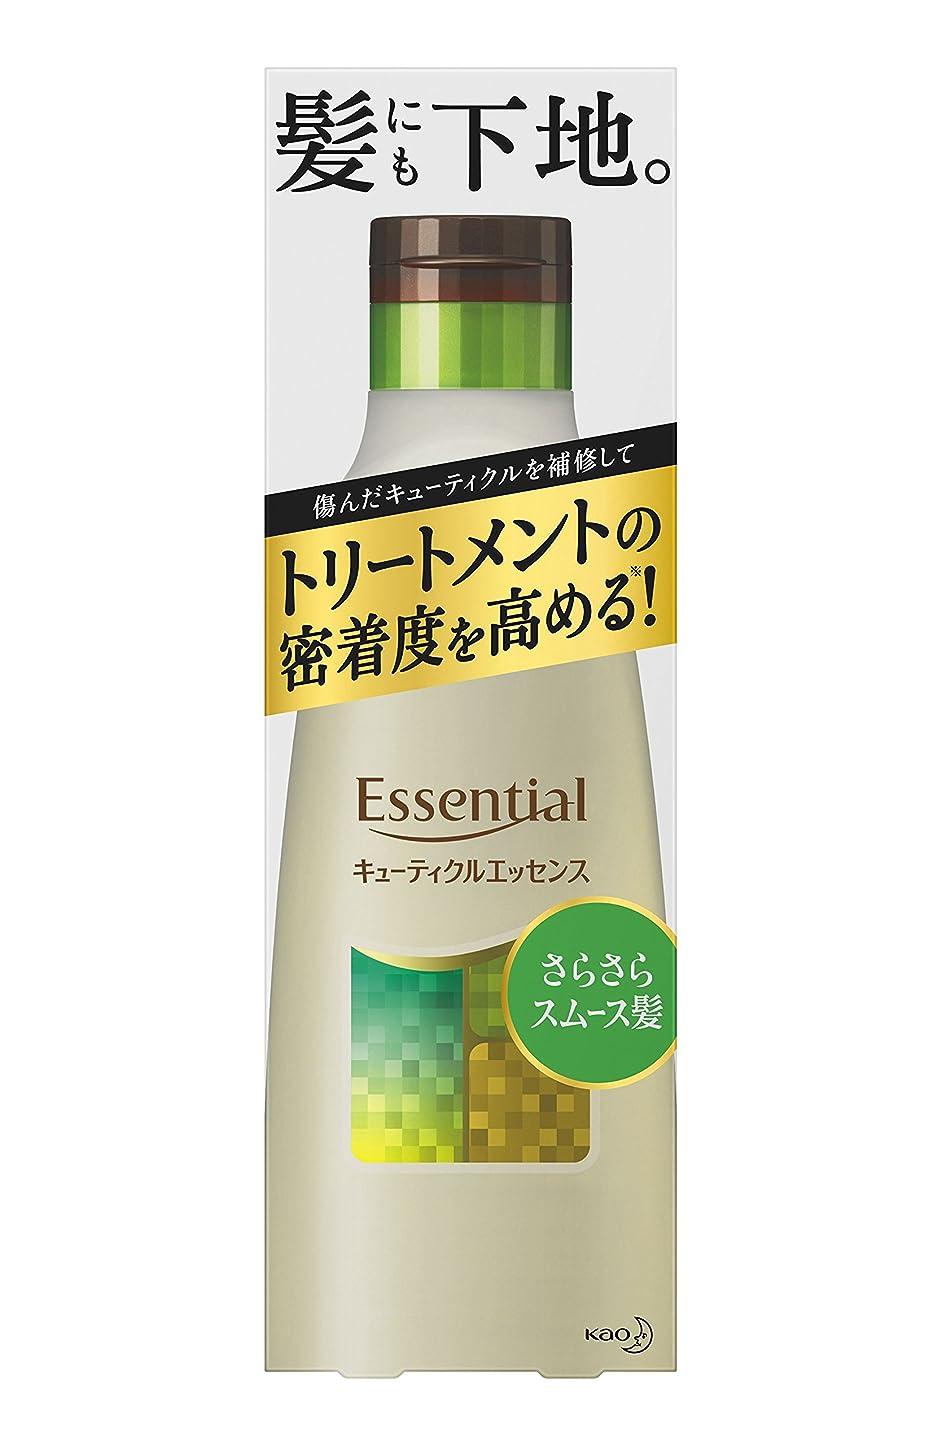 一生スズメバチ熟したエッセンシャル さらさらスムース髪 キューティクルエッセンス 250g (インバス用)